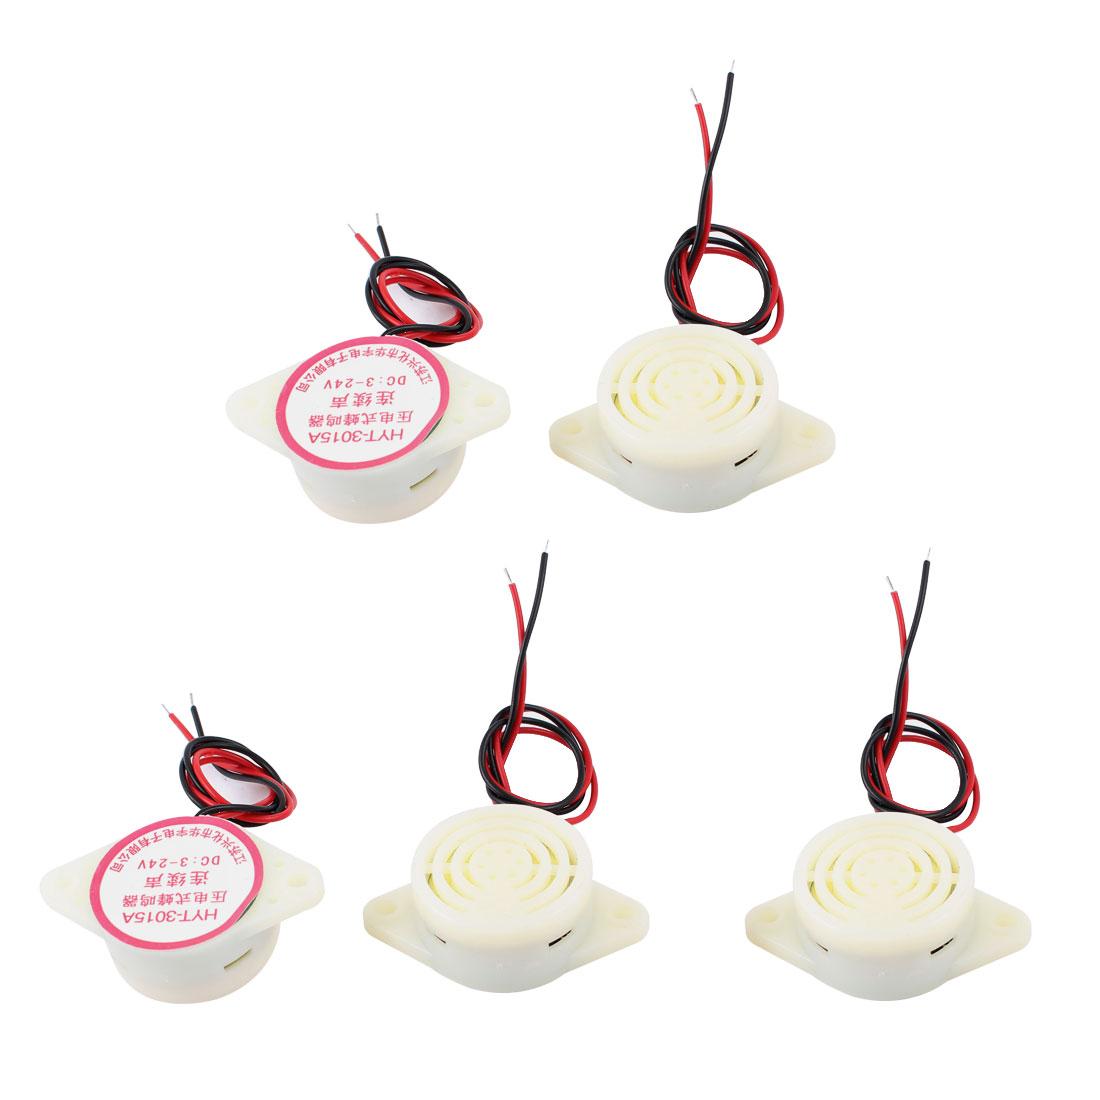 5 Pcs DC 3-24V Plastic Shell Continuous Sound Electronic Buzzer Alarm Beige